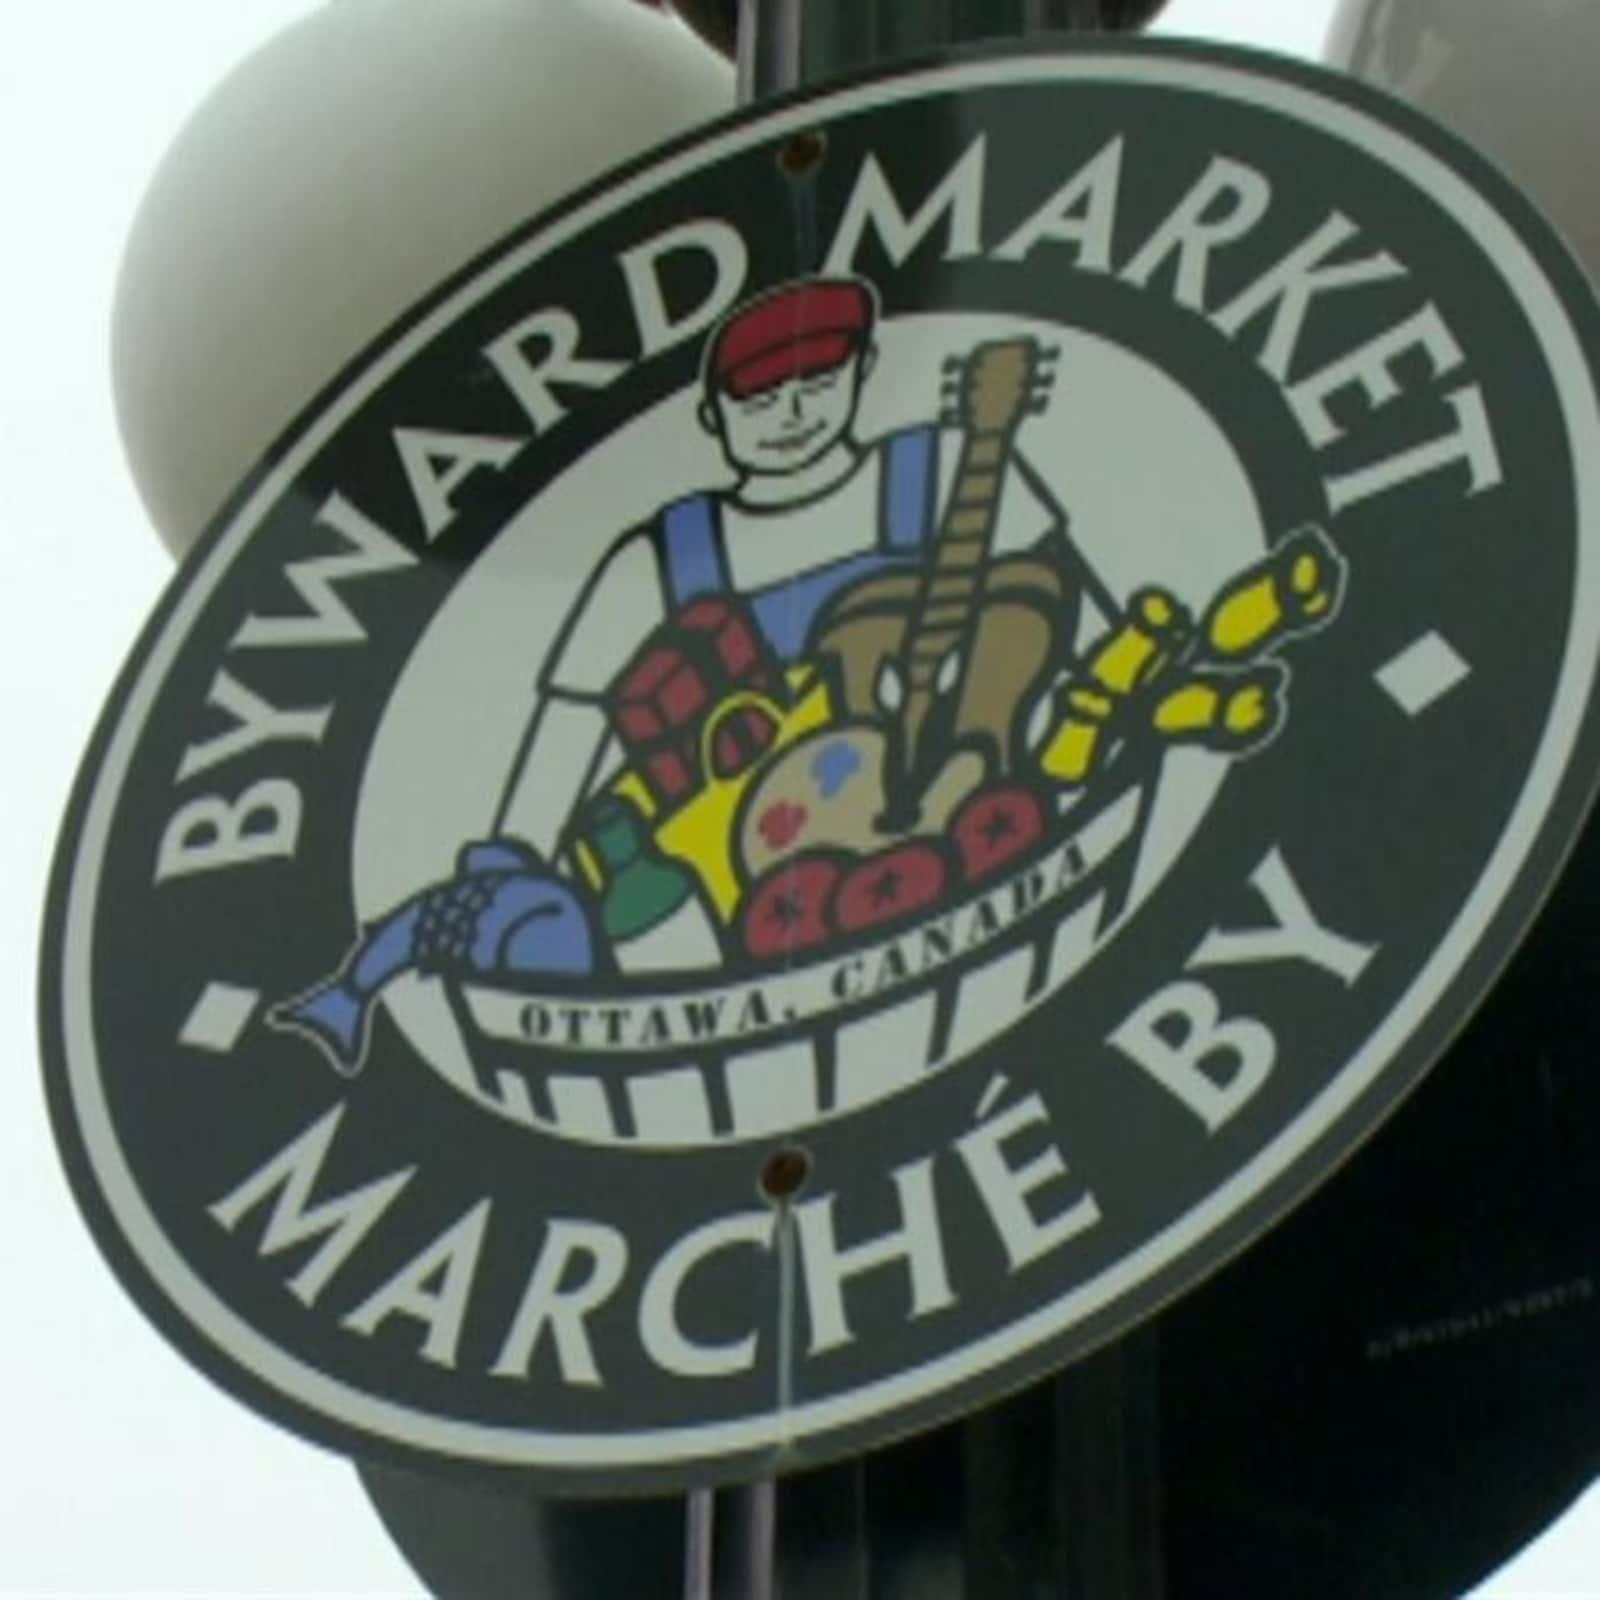 Une pancarte annonçant le marché By